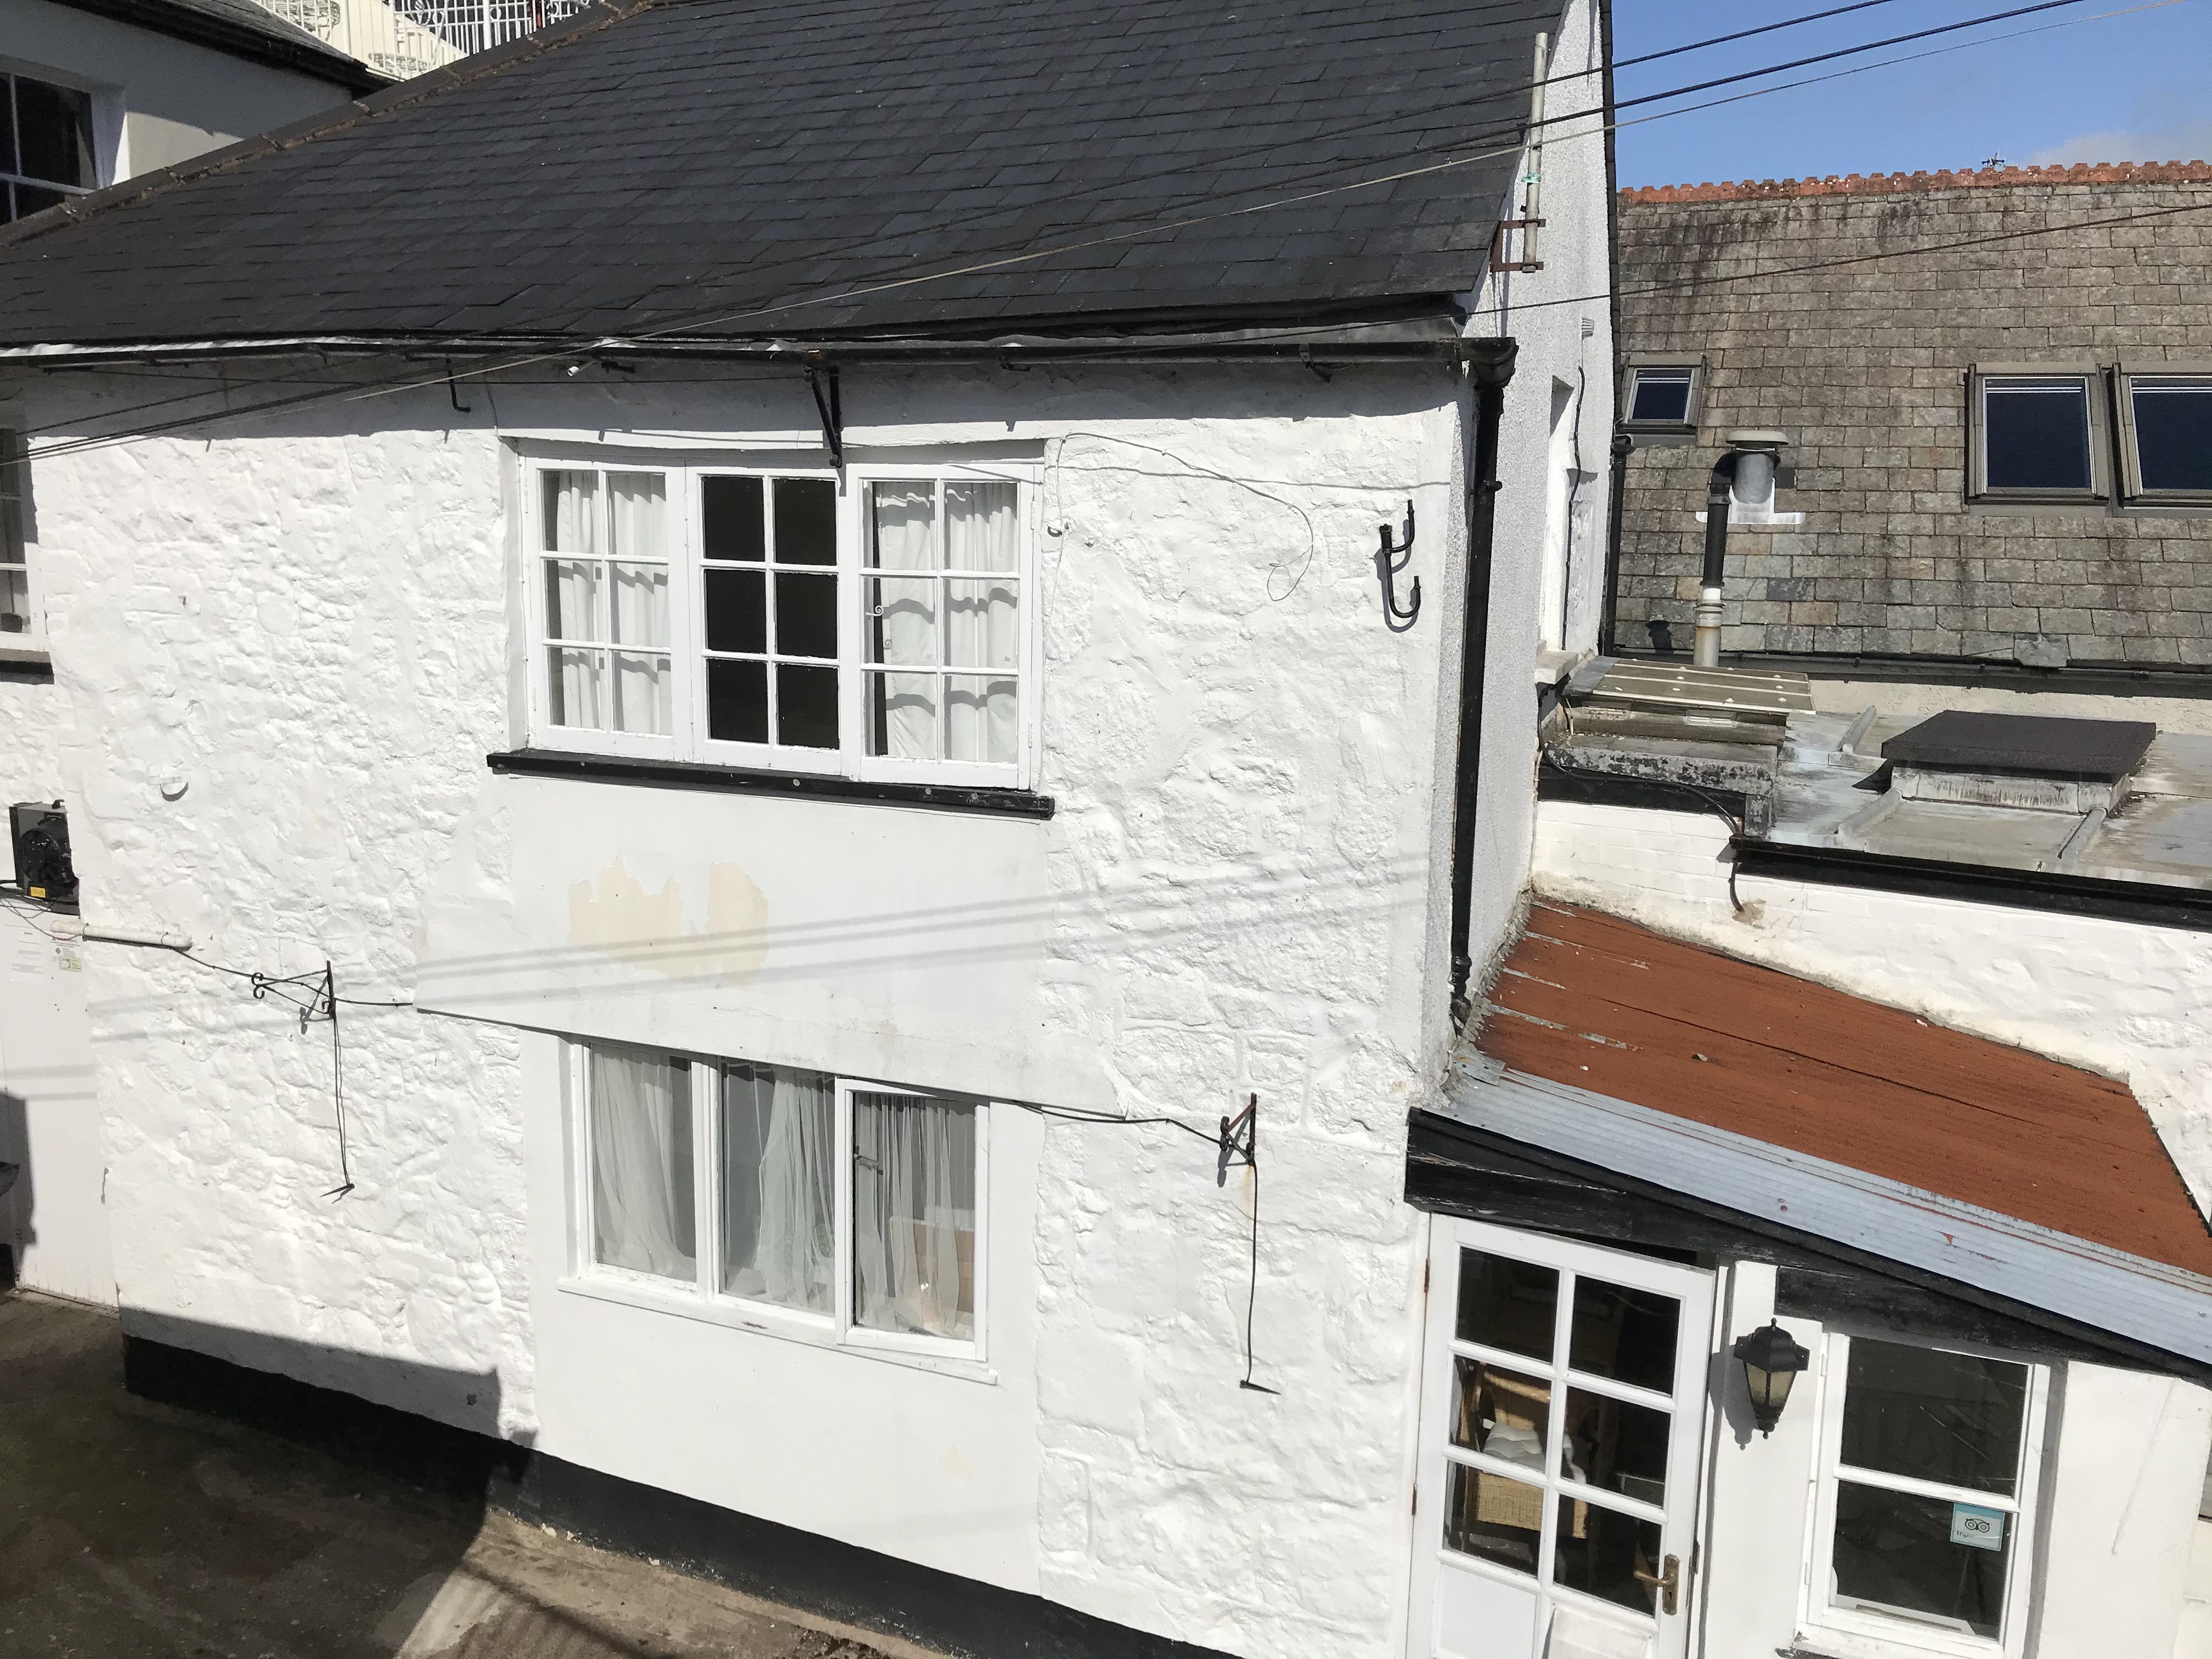 Pub Newton abbot, chagford, TQ13 8AW - Chagford Inn